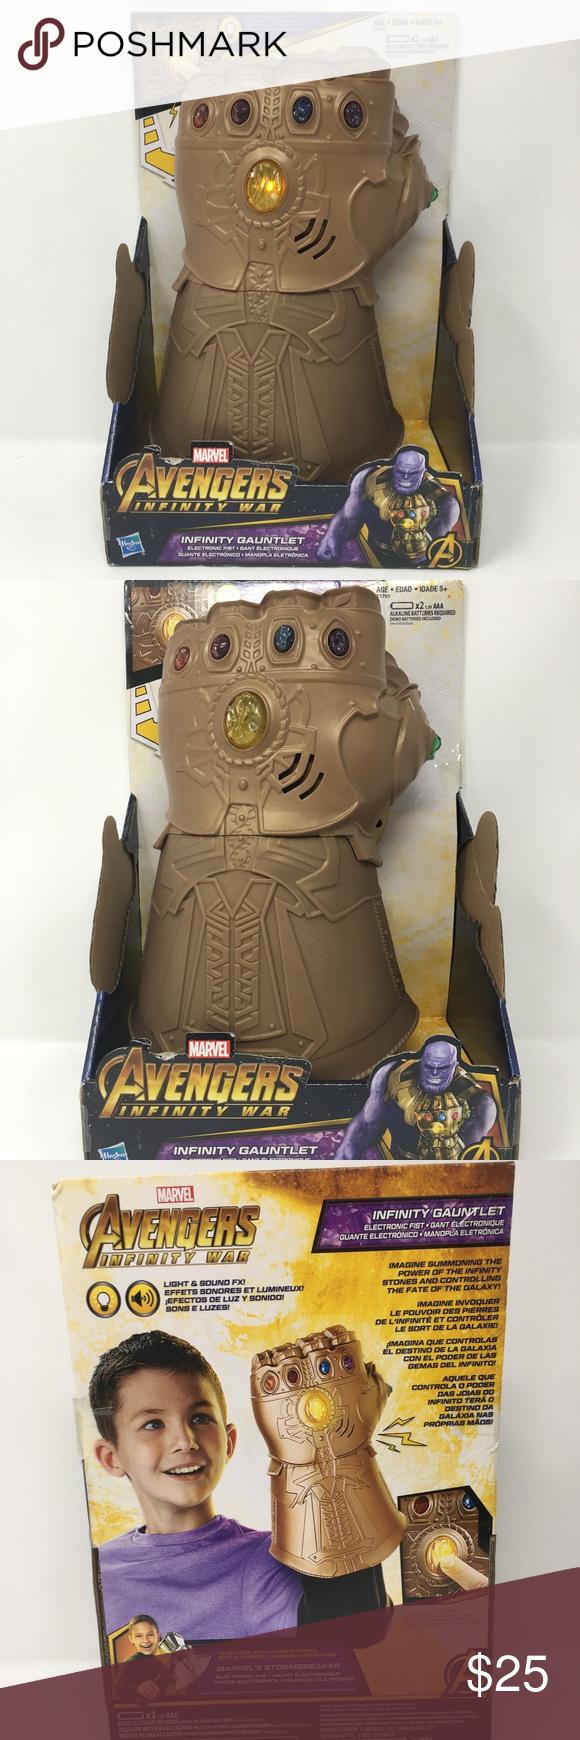 Marvel Avengers: Thanos Infinity Gauntlet - New Marvel Avengers